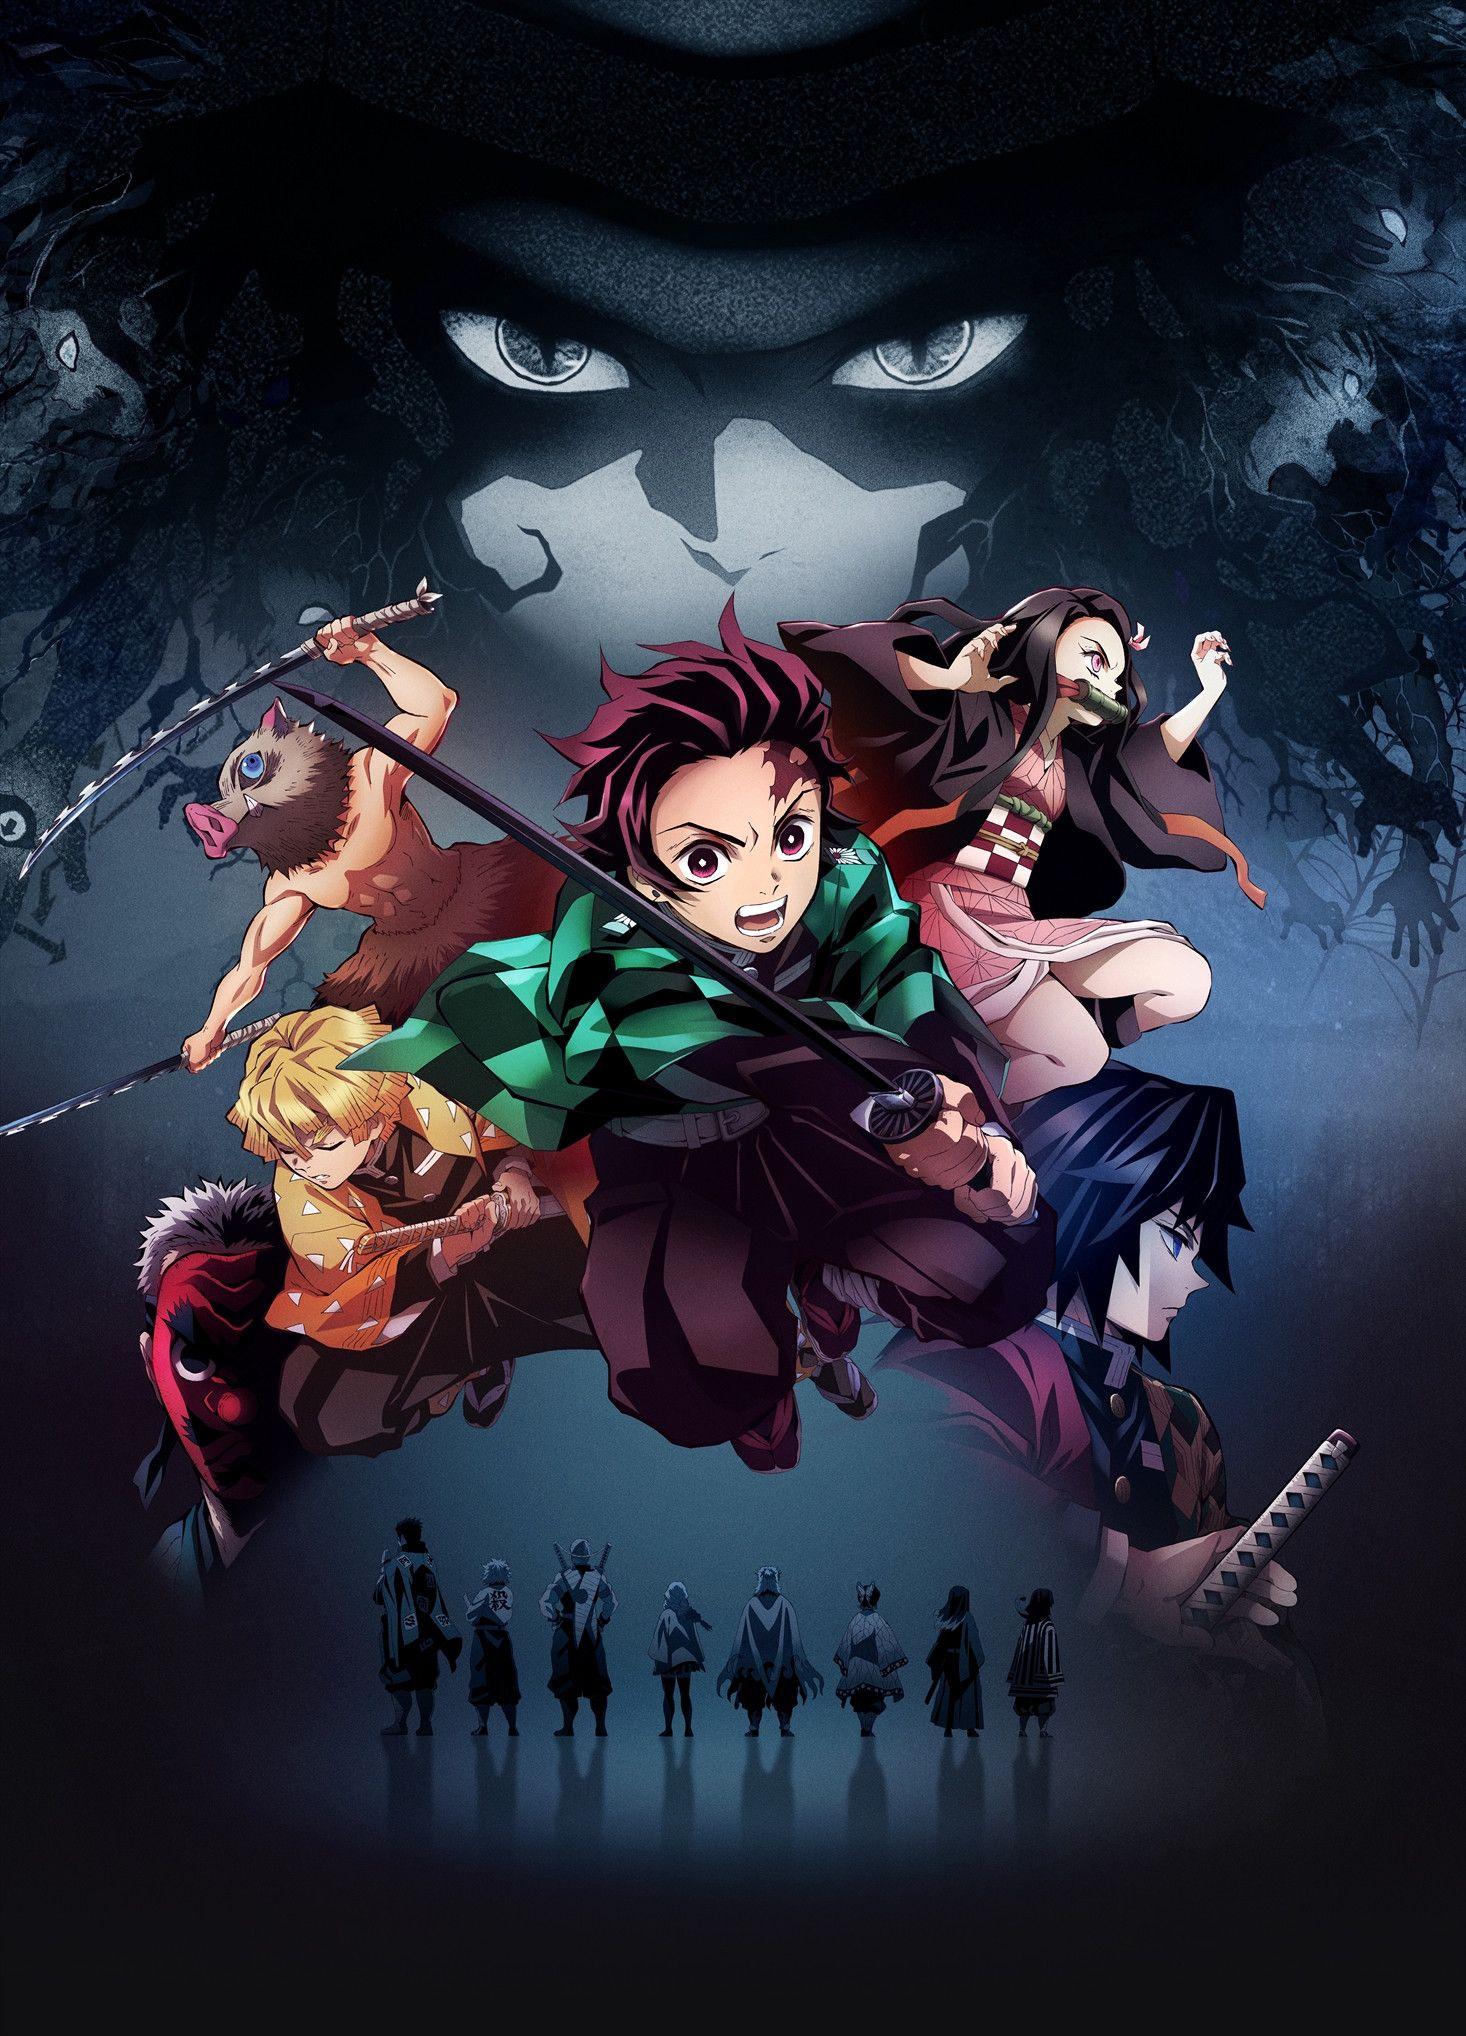 Best of kimetsu no yaiba zerochan anime image board